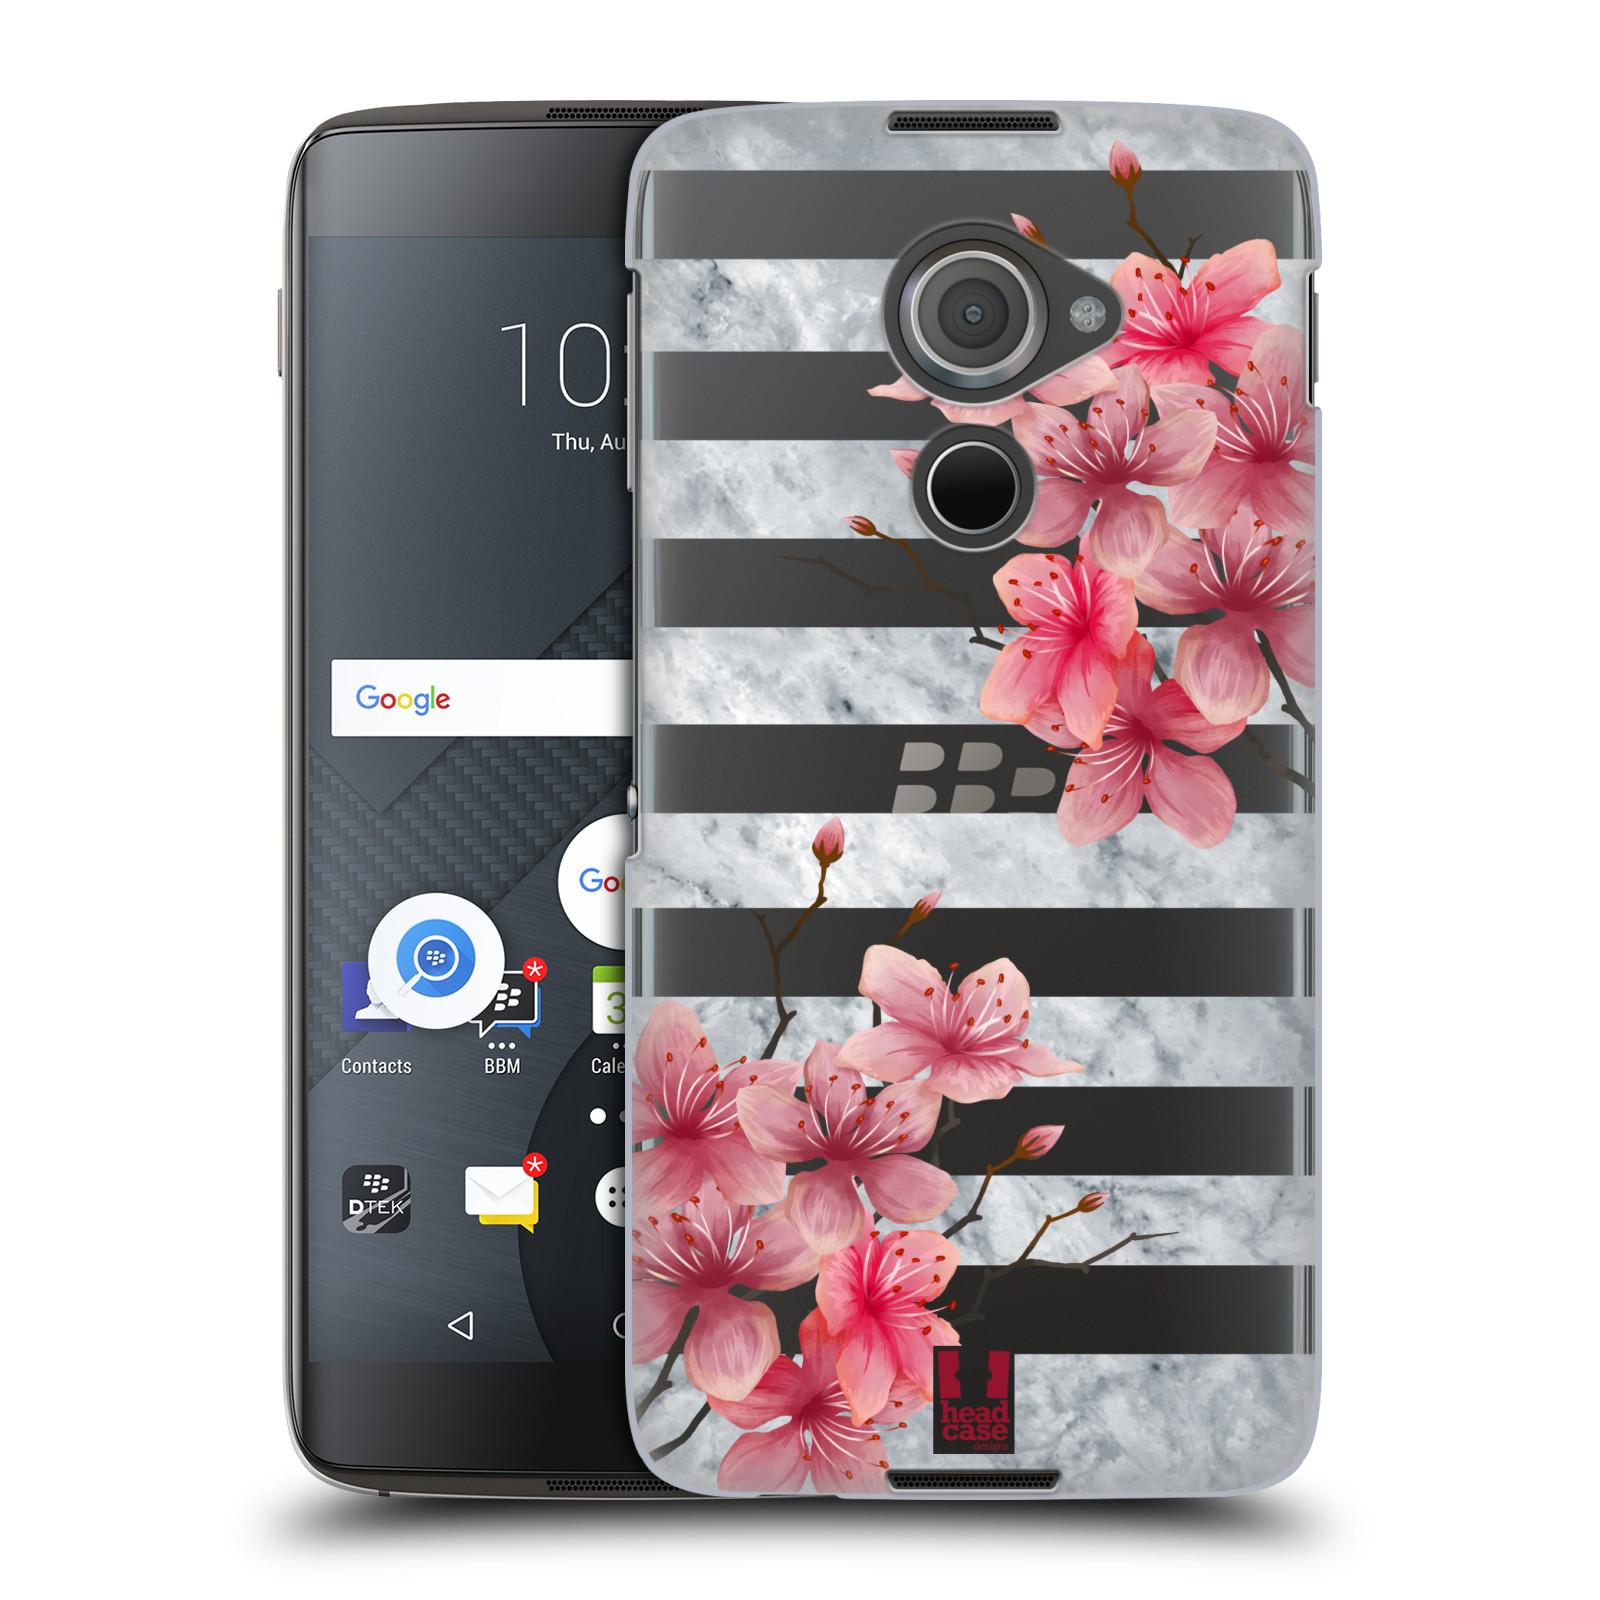 Plastové pouzdro na mobil Blackberry DTEK60 (Argon) - Head Case - Kvítka a mramor